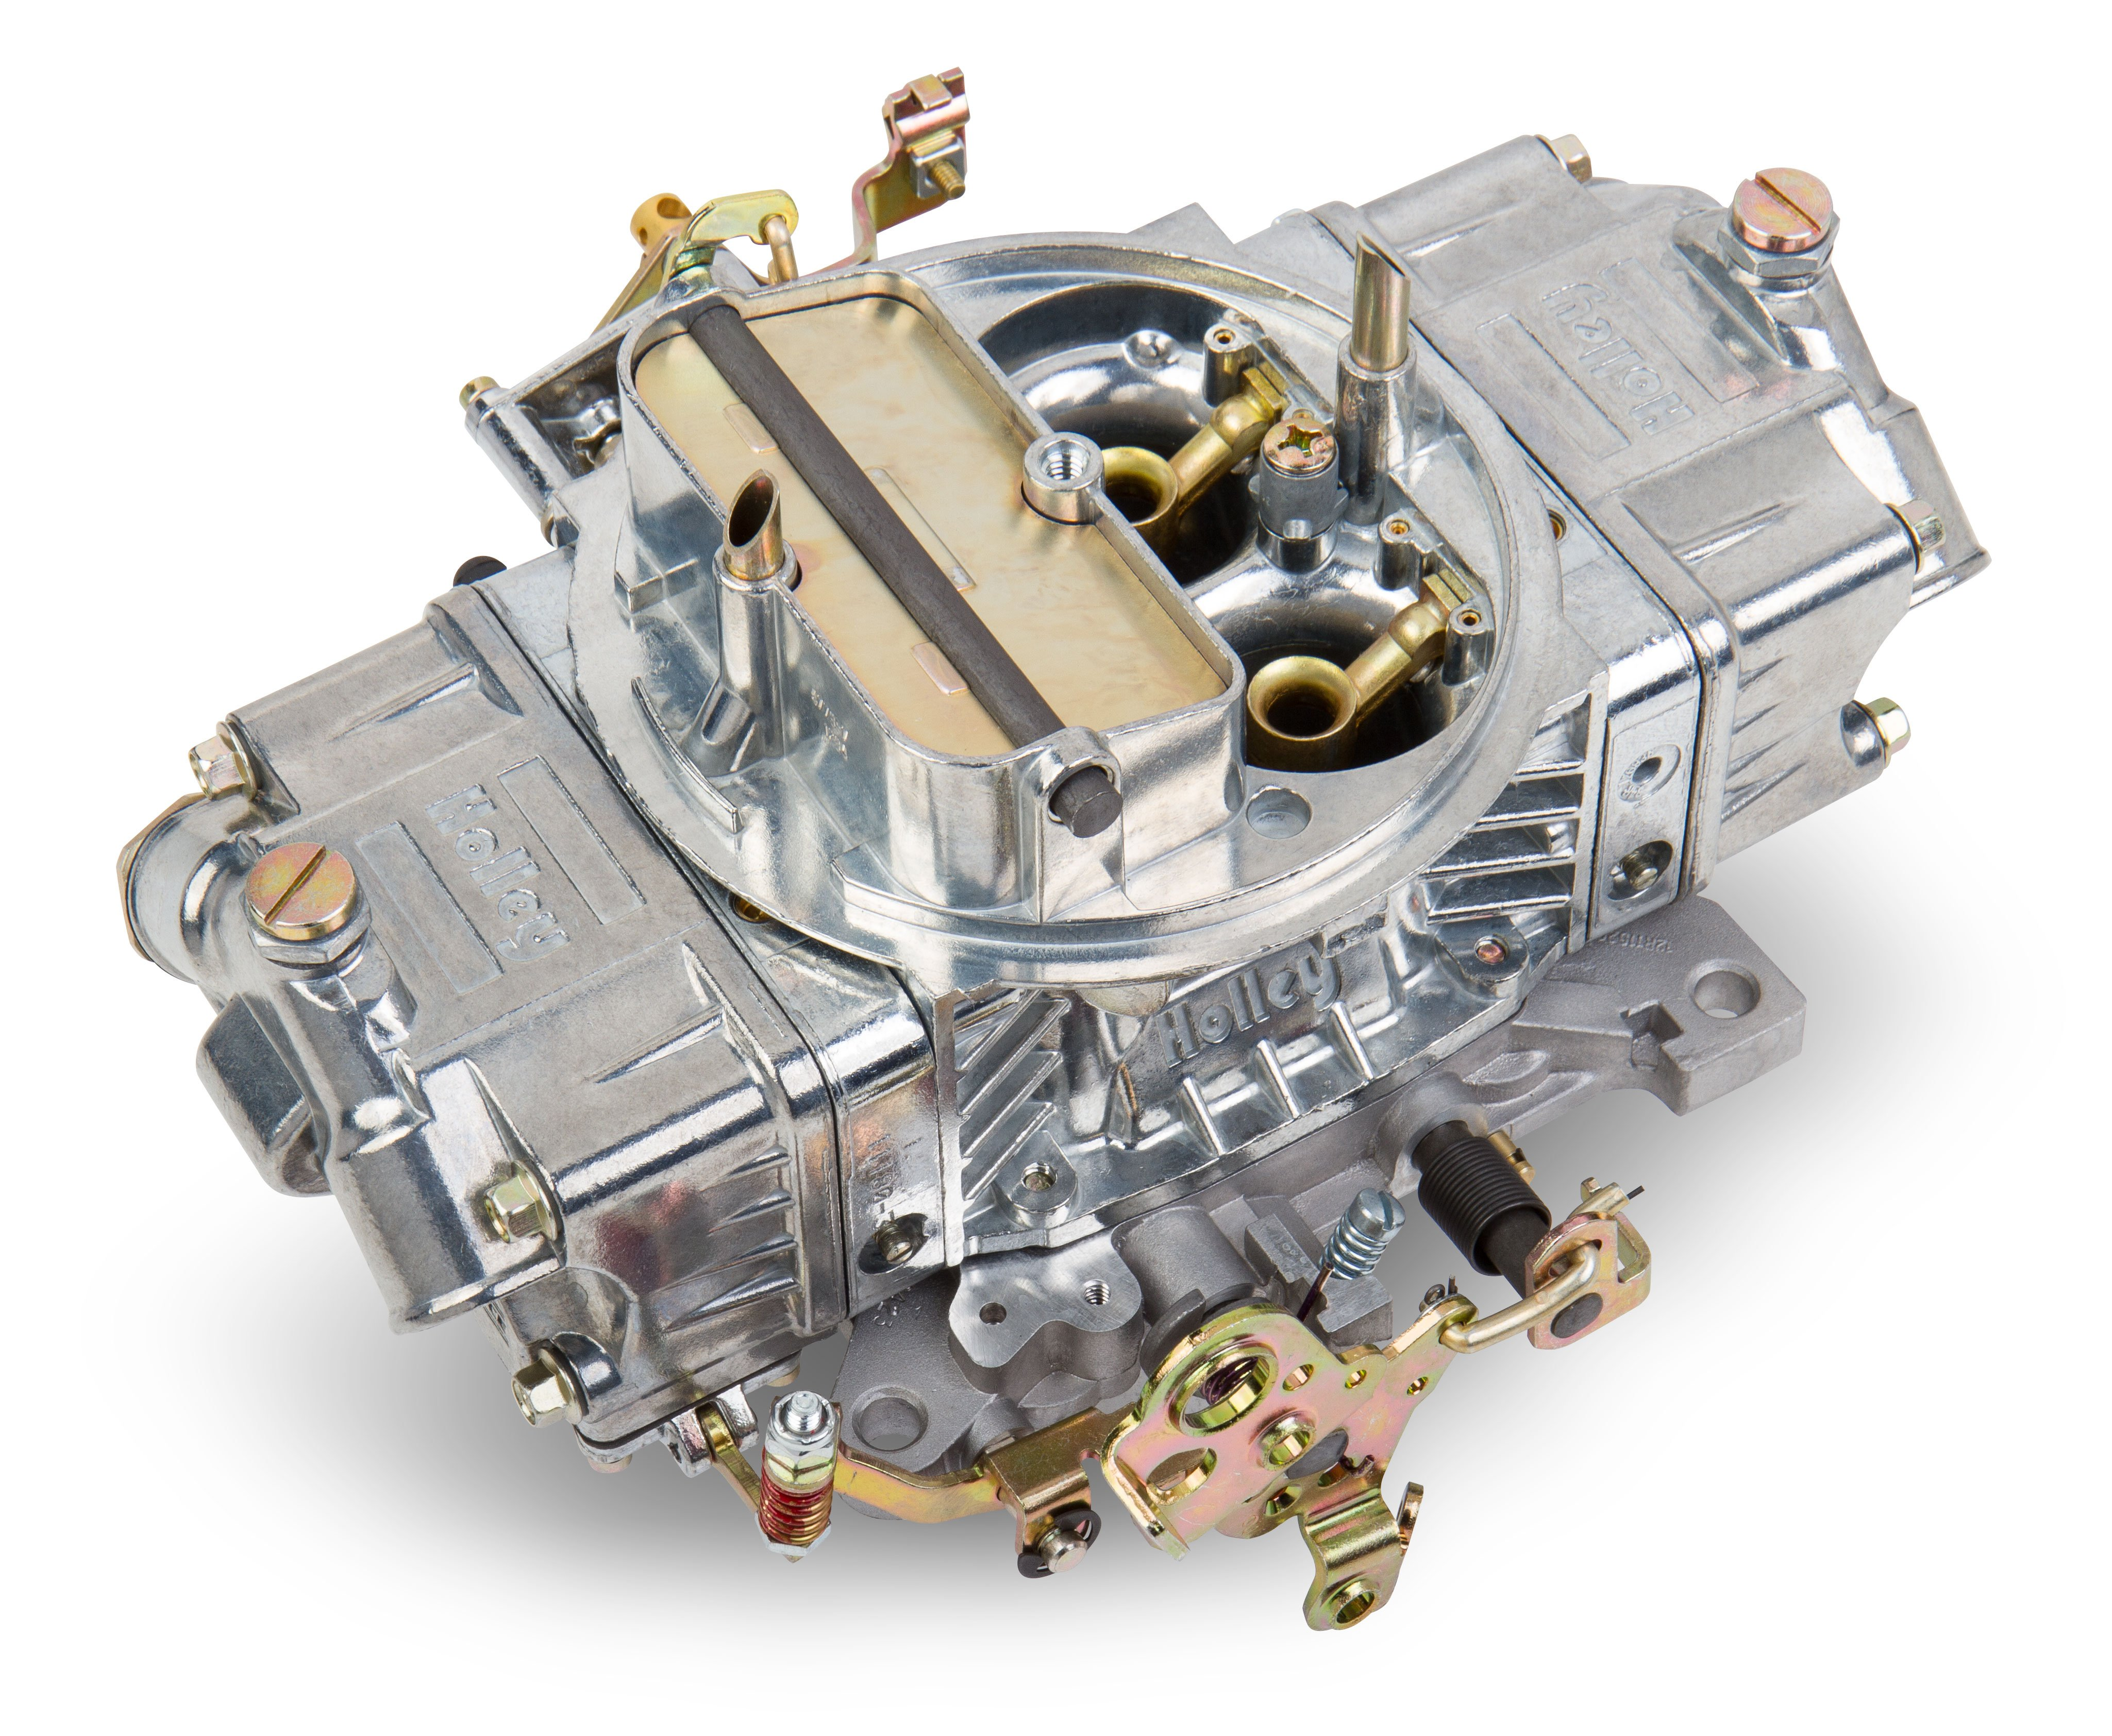 Holley 0-4777c carburetor 650 cfm double pumper 4-barrel manual.